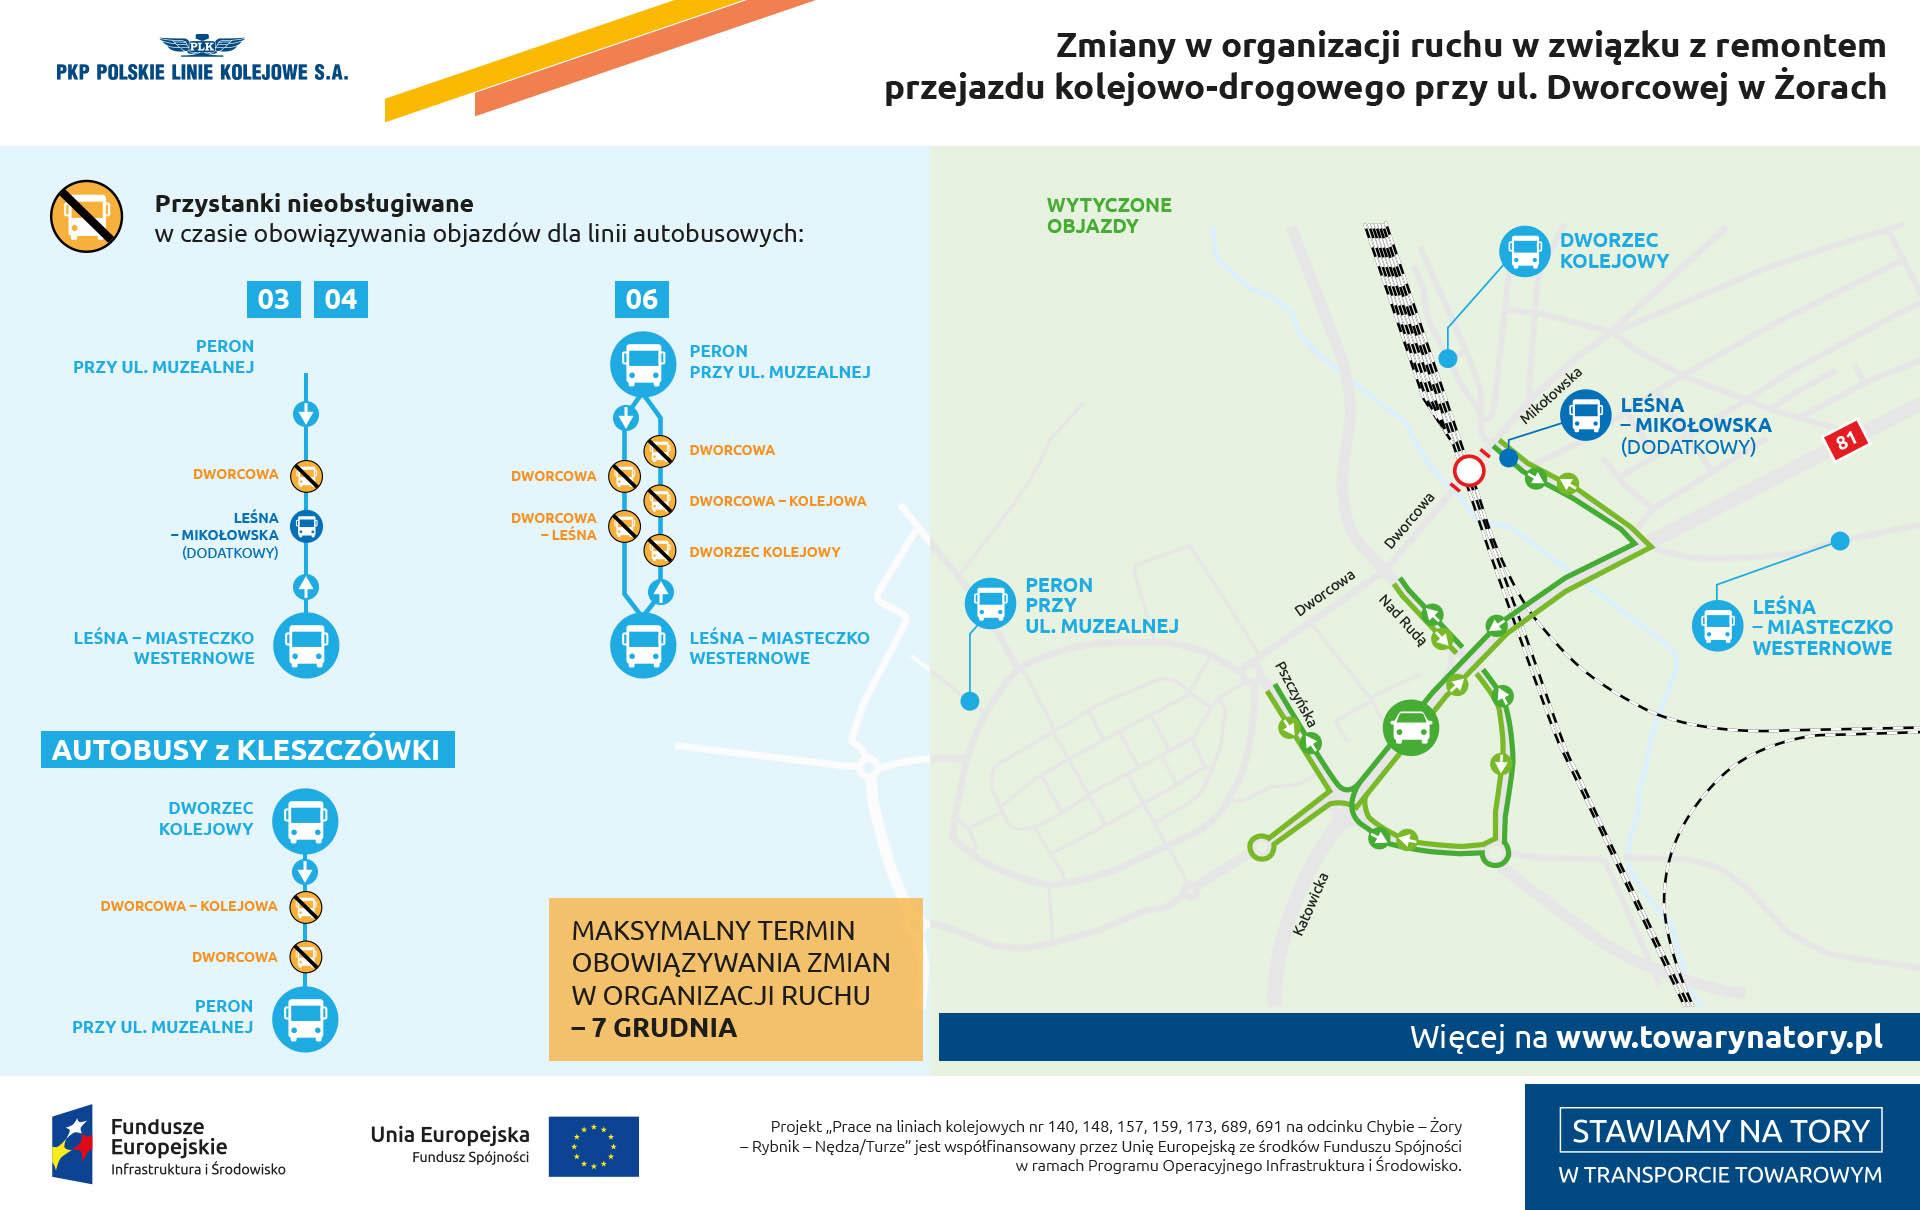 Infografika mówi o zmianach w organizacji ruchu w związku z remontem przejazdu kolejowo drogowego przy ul Dworcowej w Żorach. Podane są linie autobusowe które do 7 grudnia dwa tysiące osiemnastego roku będą miały zmieniony rozkład jazdy.